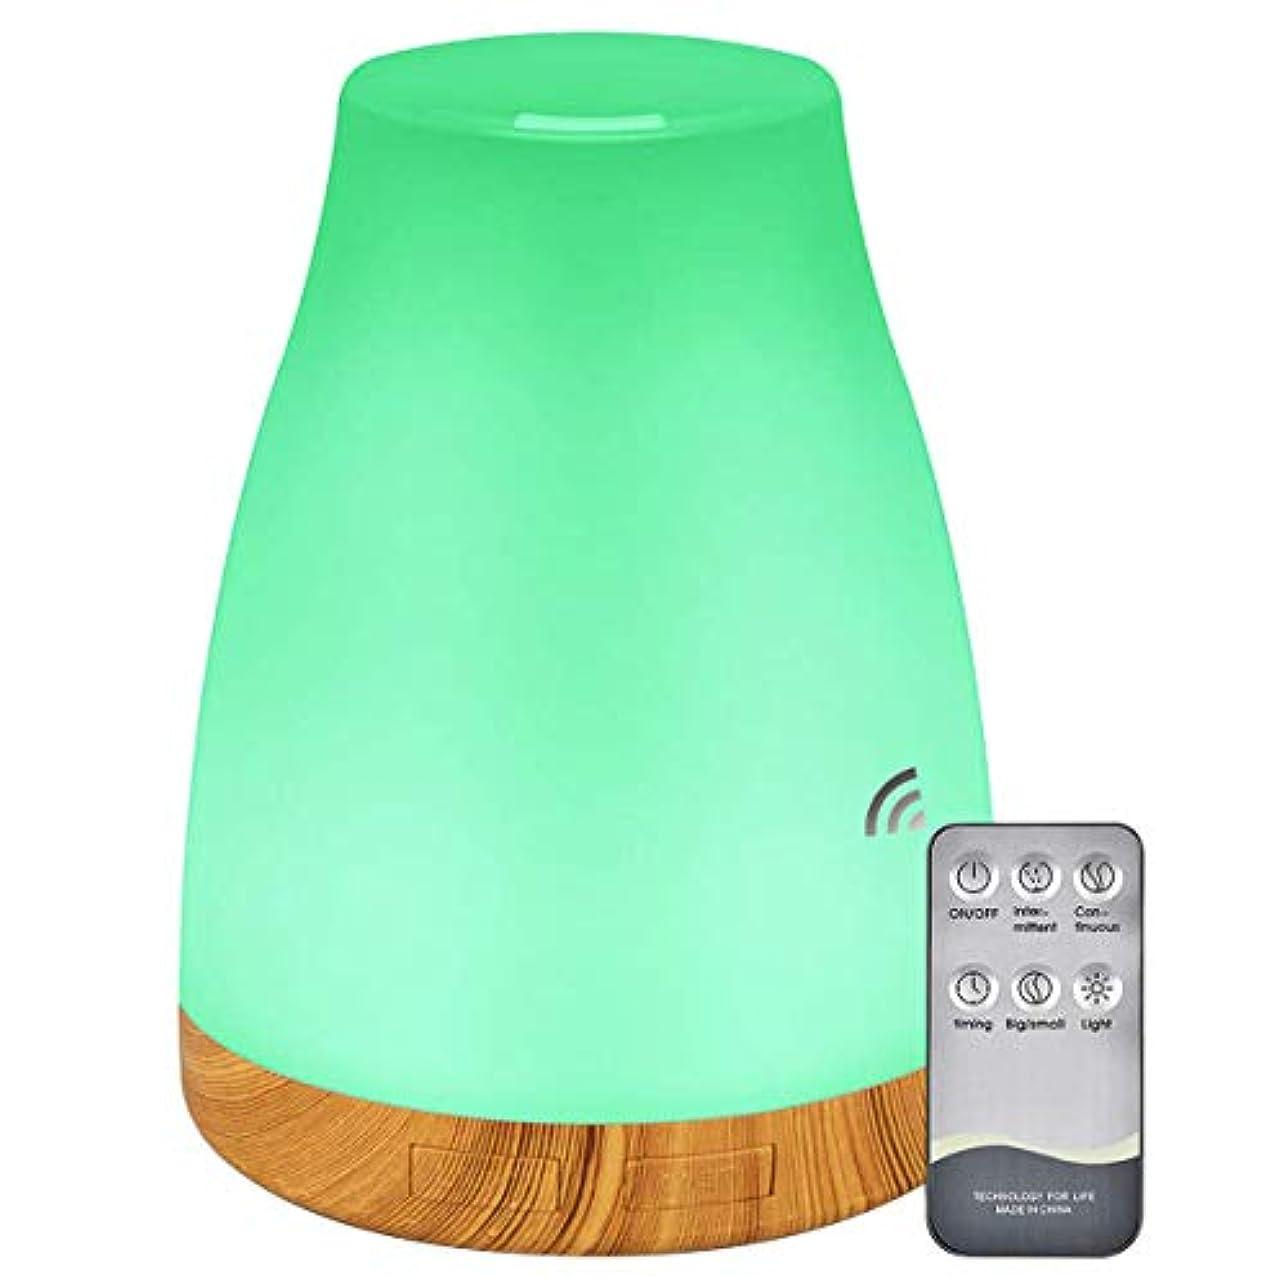 牧師ネコ所得SUPVOX 300ml Essential Oil Diffuser Remote Control Wooden Grain Bottle Shape Aroma Diffuser Humidifier for Bedroom Yoga Room Office (JP Plug)